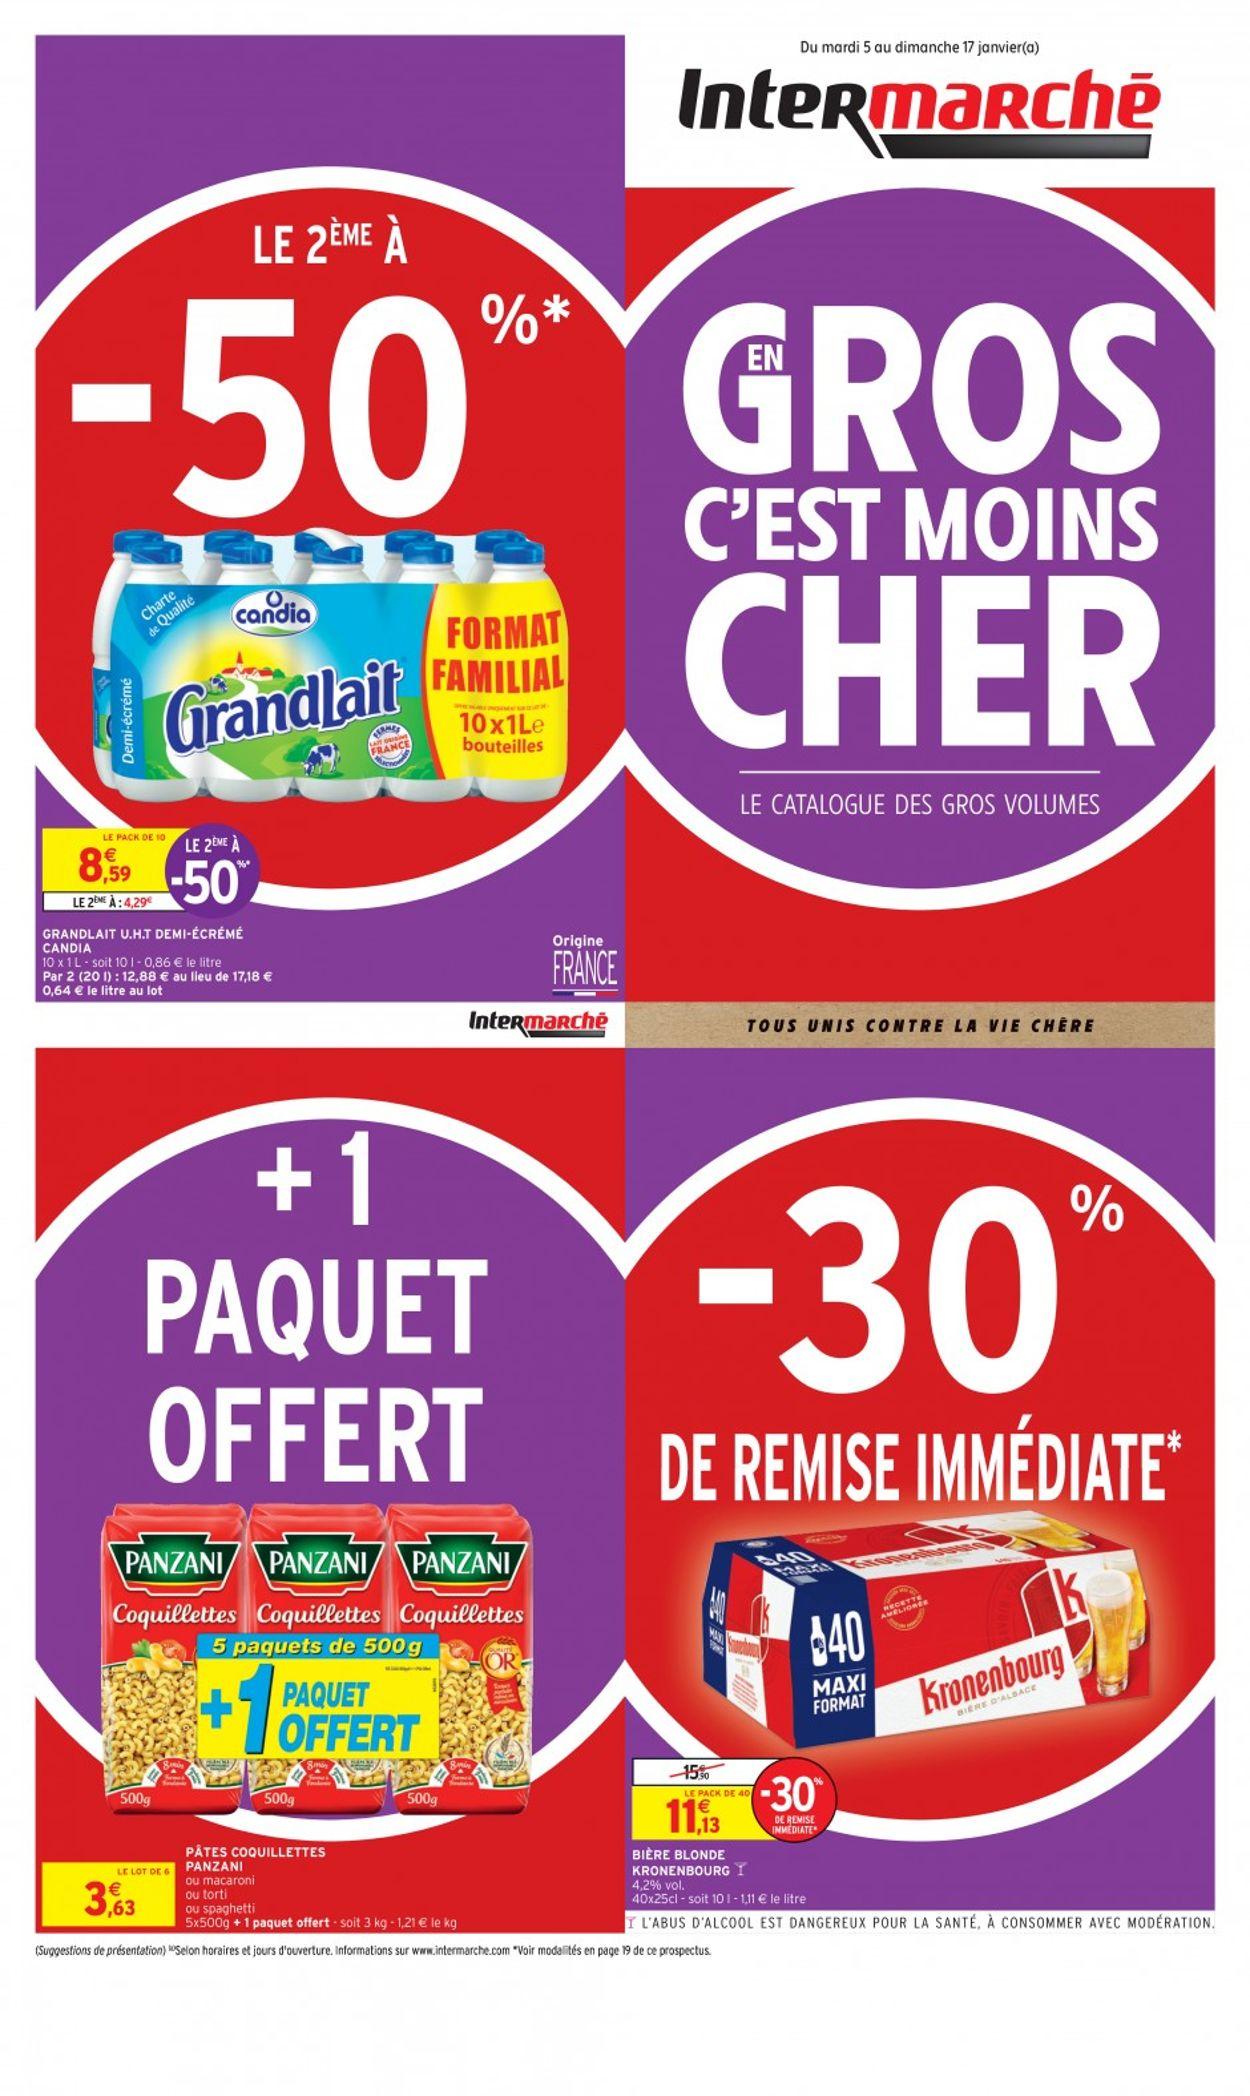 Intermarché En Gros Volume C'est Moins Cher 2021 Catalogue - 05.01-17.01.2021